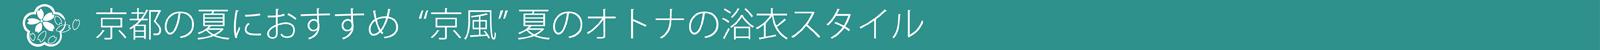 京都の夏におすすめの「京風夏の大人の浴衣レンタル」